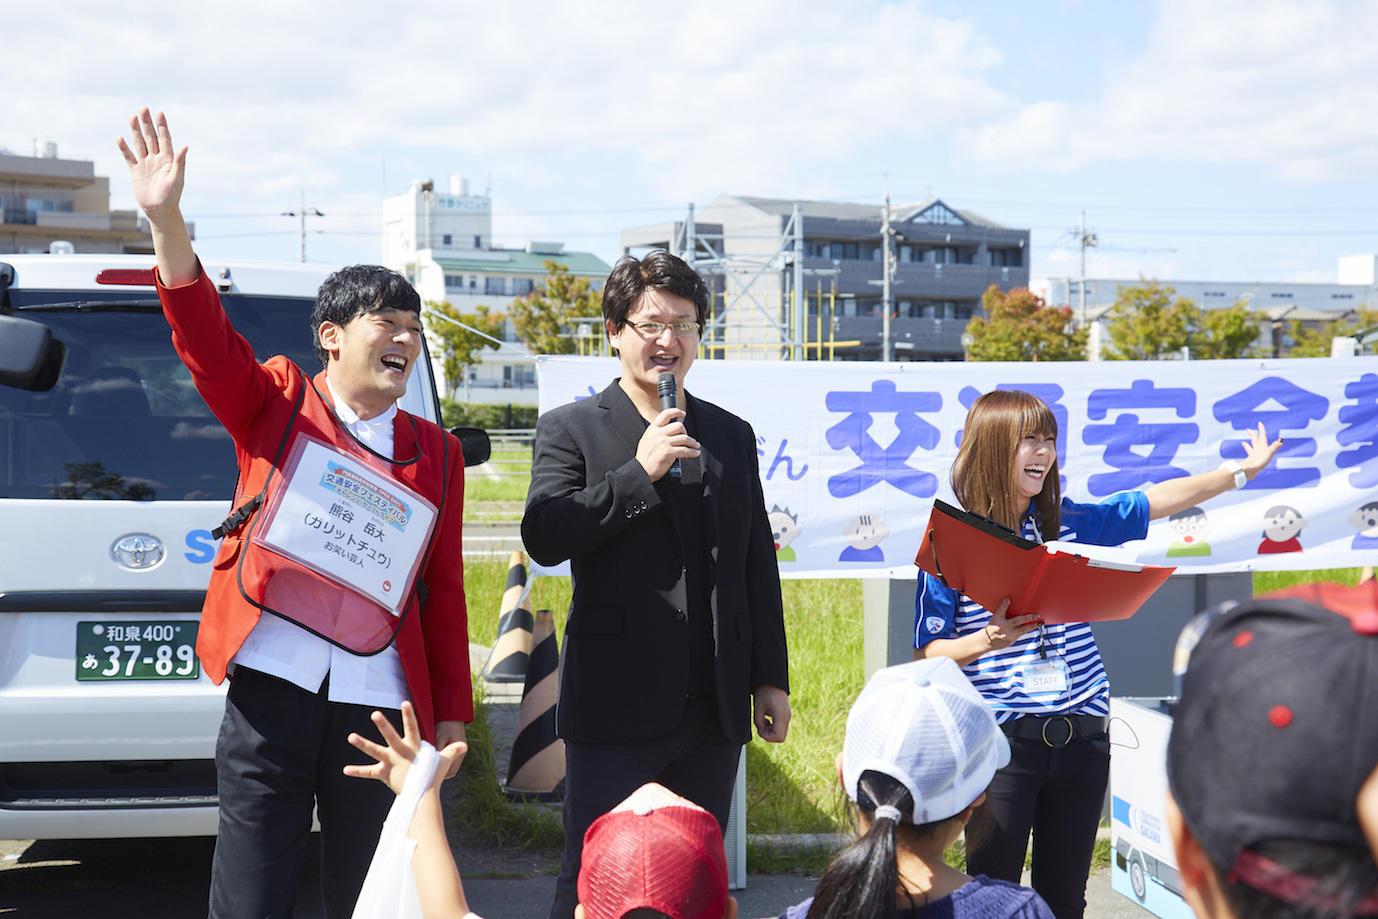 http://news.yoshimoto.co.jp/20181012090051-228f00f6d51ccf21d609bb0376da0ed9e0e9a746.jpg